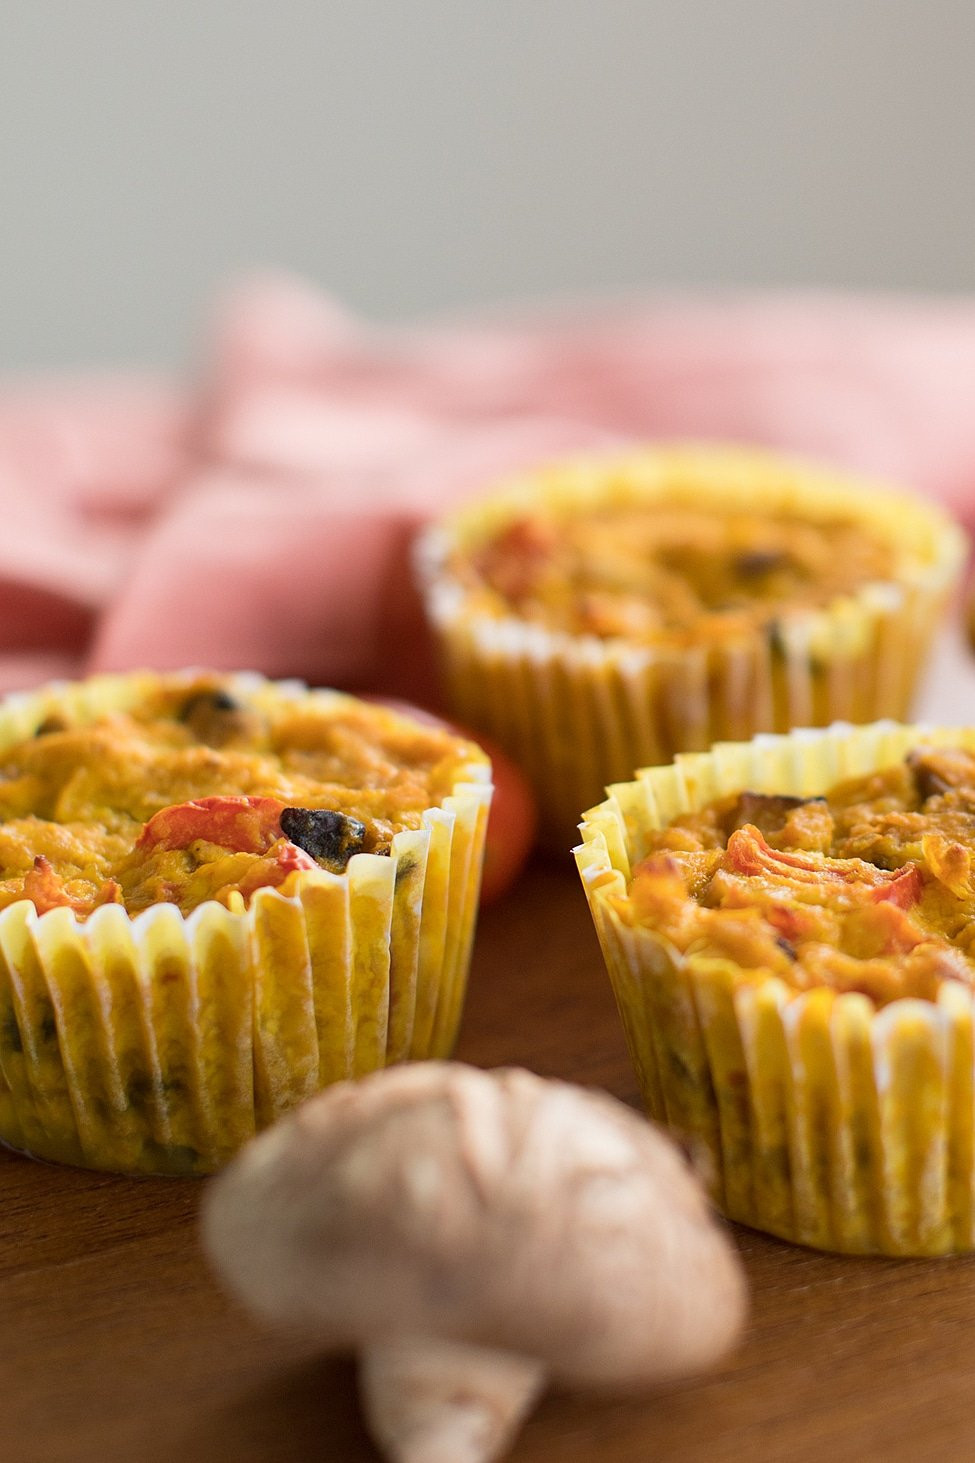 Vegan Protein Muffins Healthy  Vegan Protein Muffins